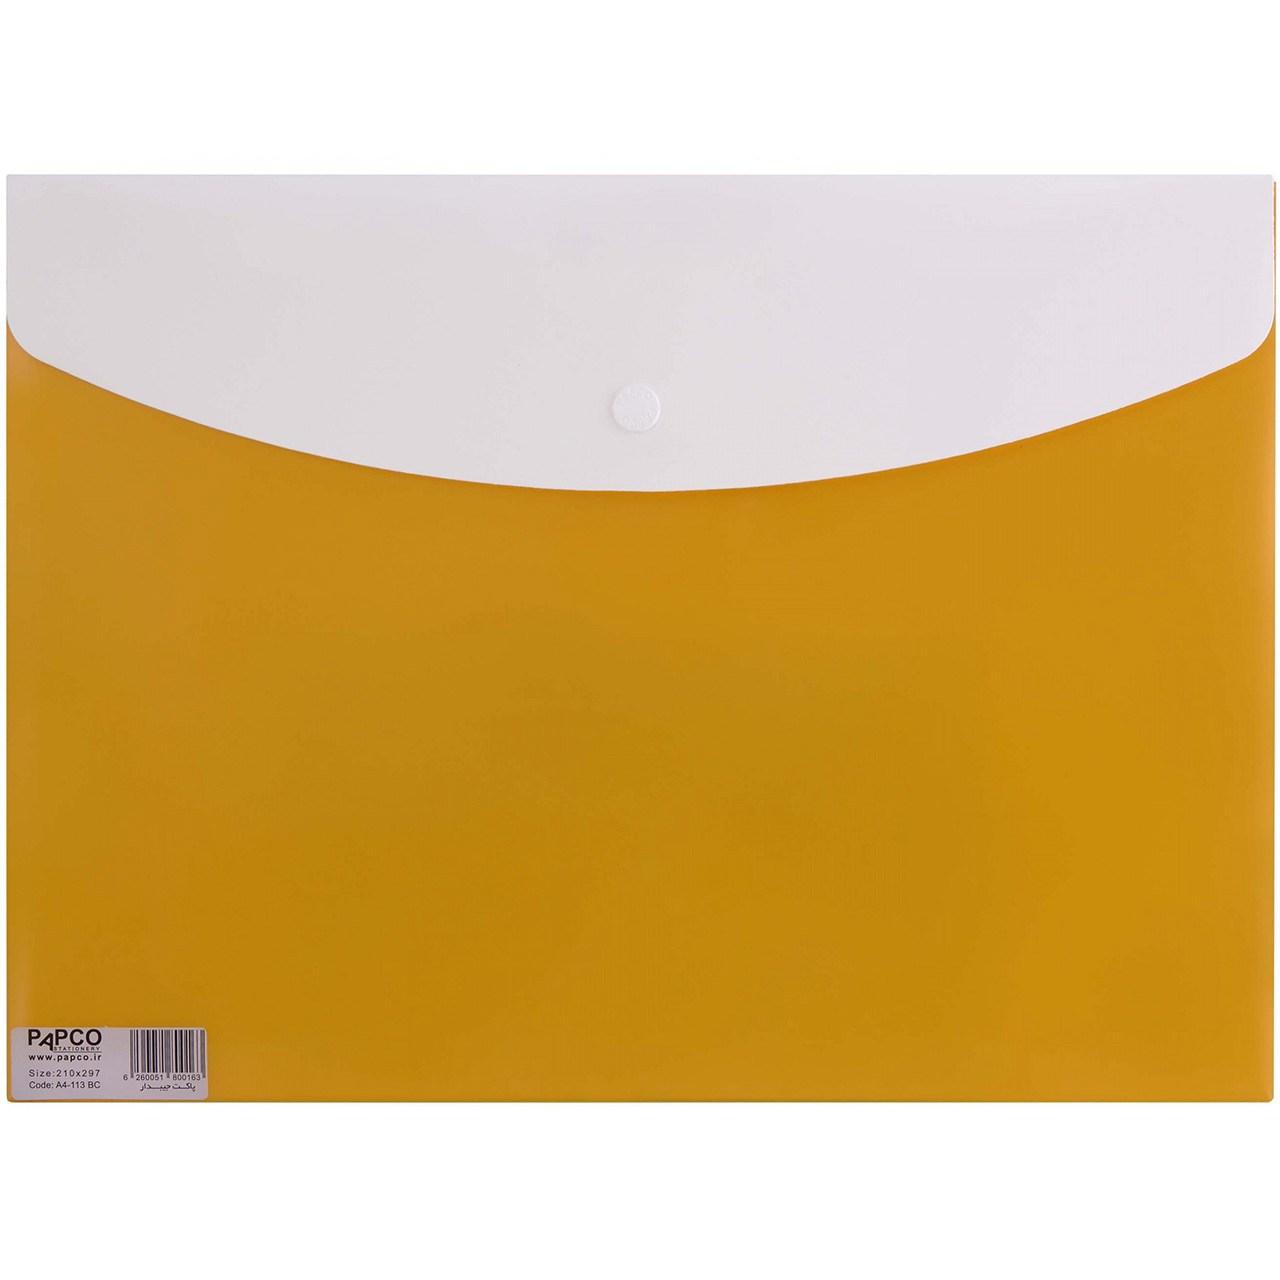 قیمت خرید پوشه دکمه دار پاپکو کد A4-113BC سایز A4 اورجینال